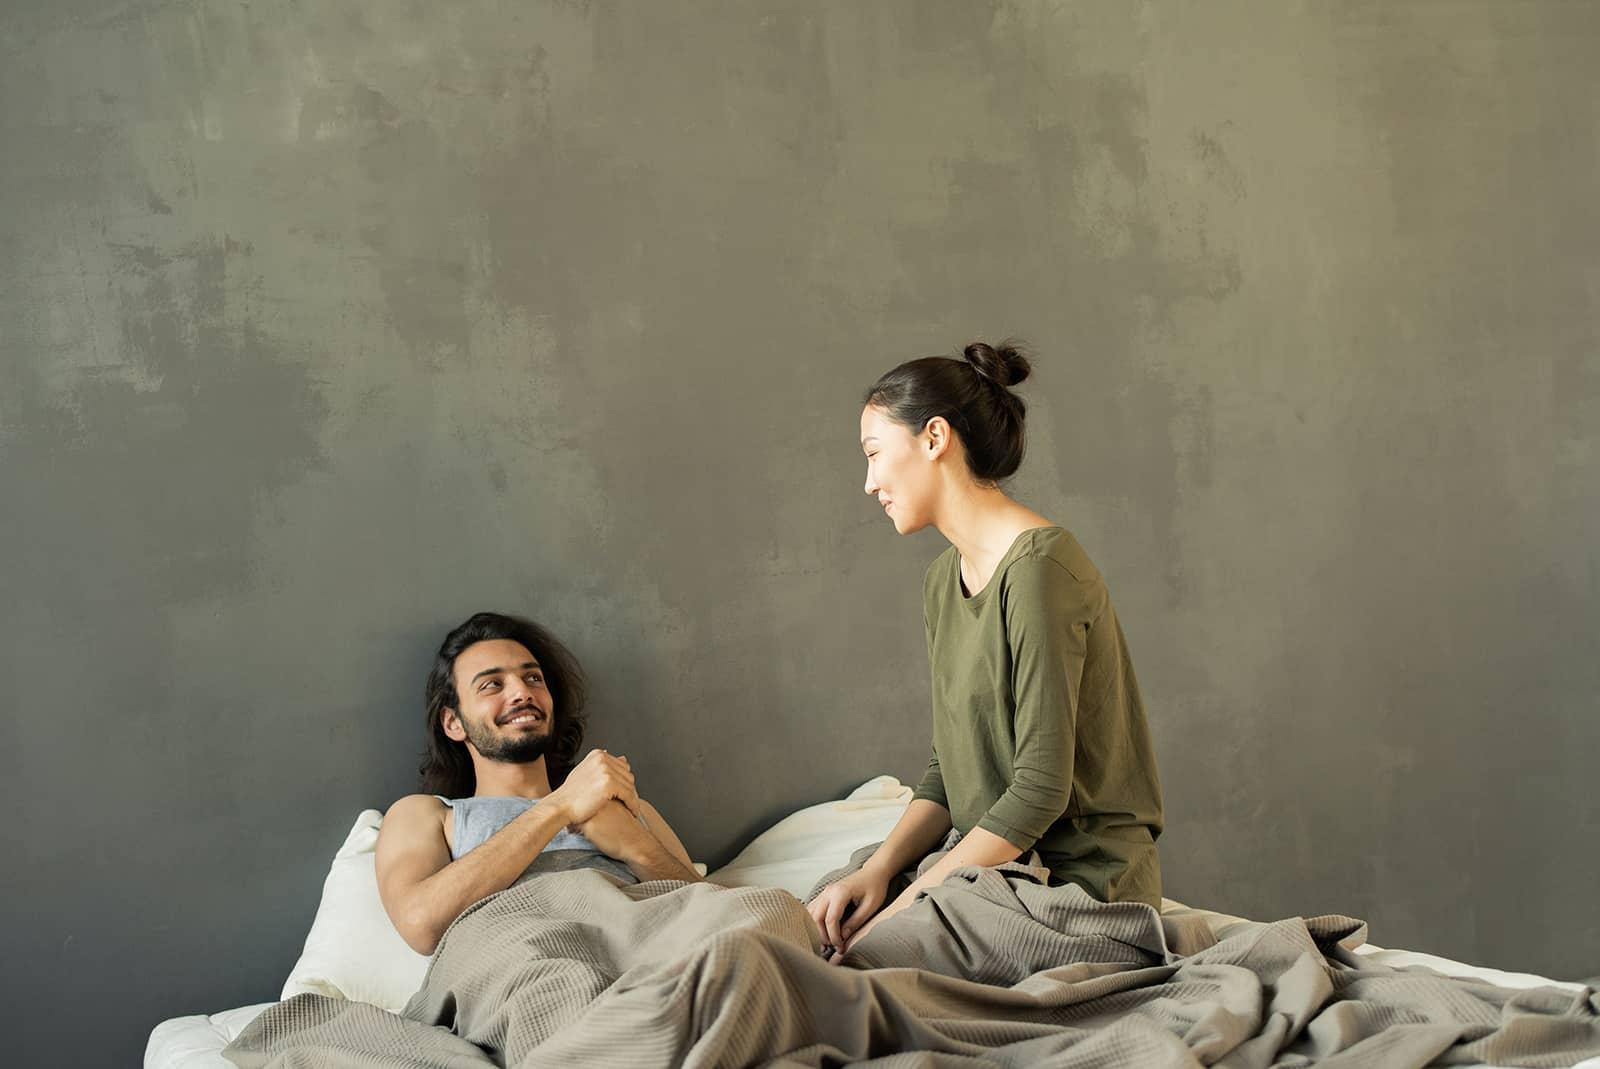 Eine Frau sitzt auf dem Bett und spricht mit einem Mann, der neben ihr liegt